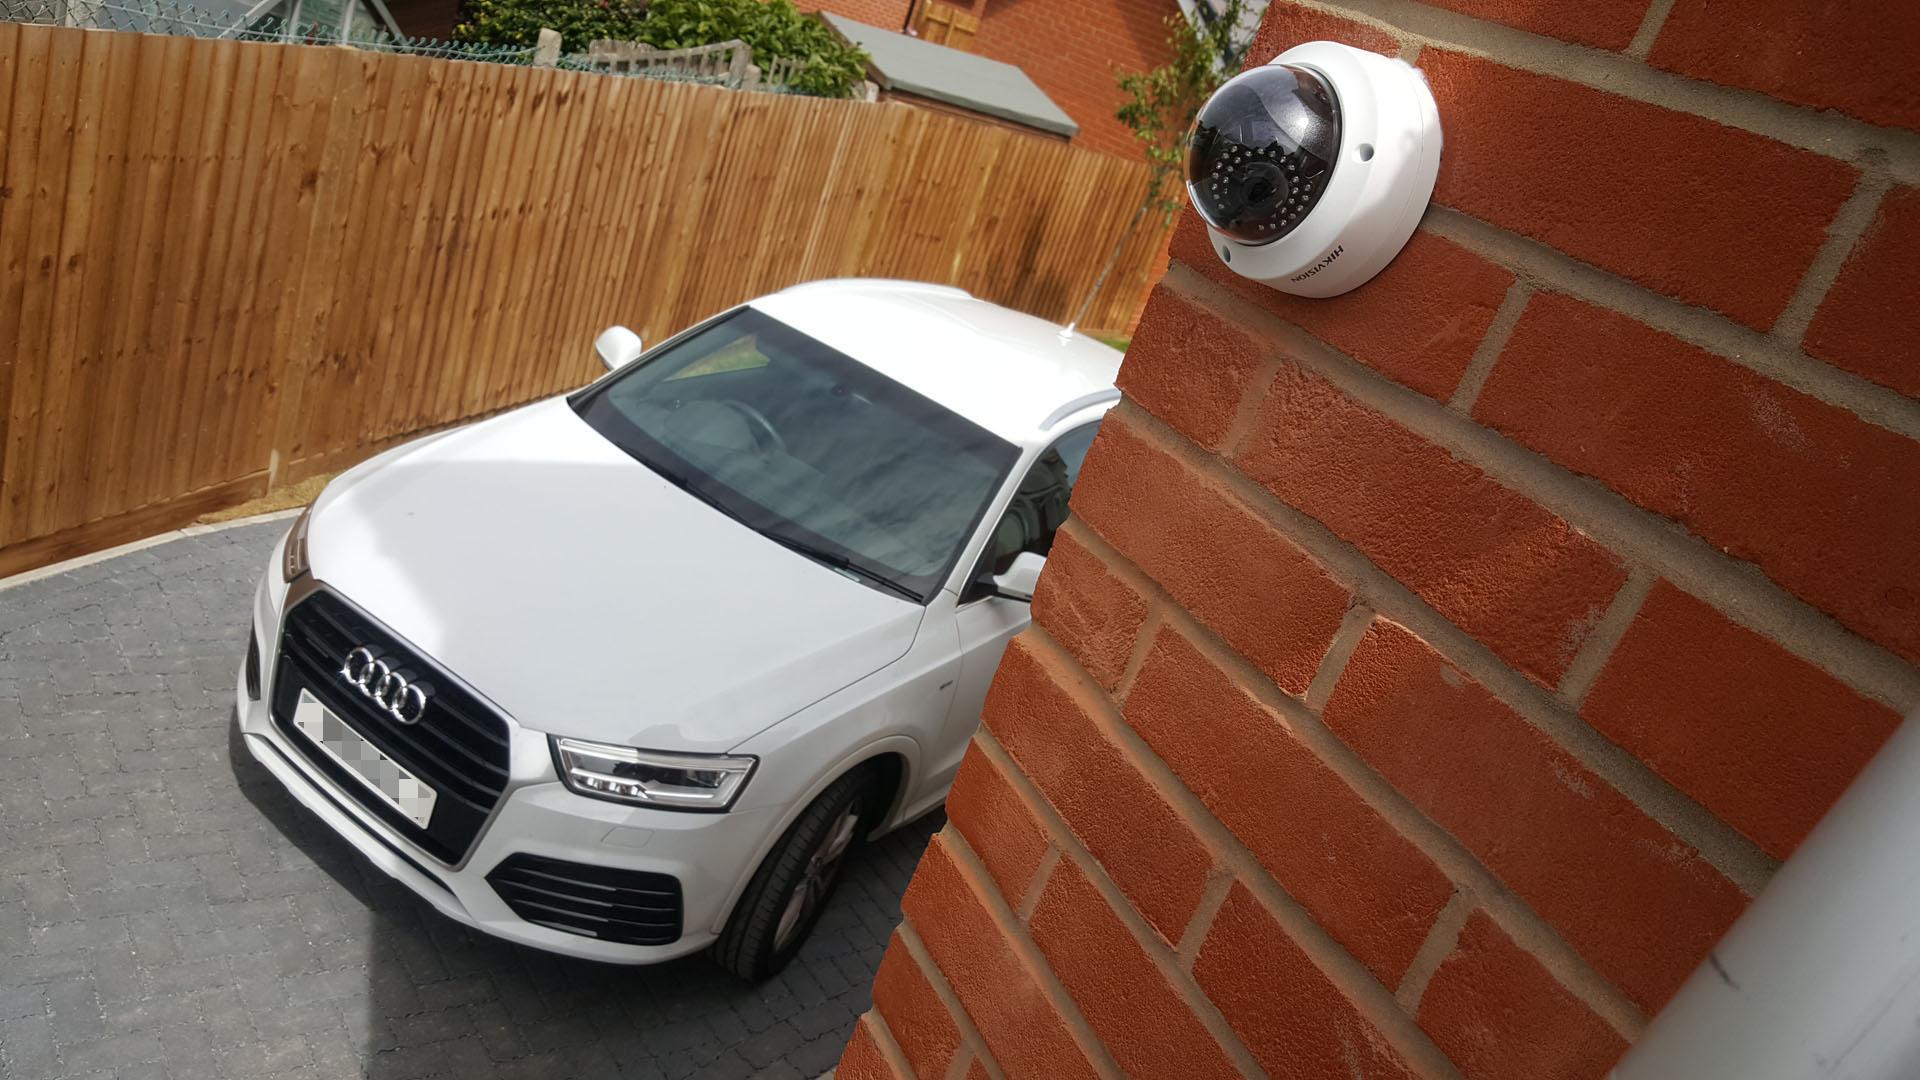 CCTV Installation in West Chelmsford